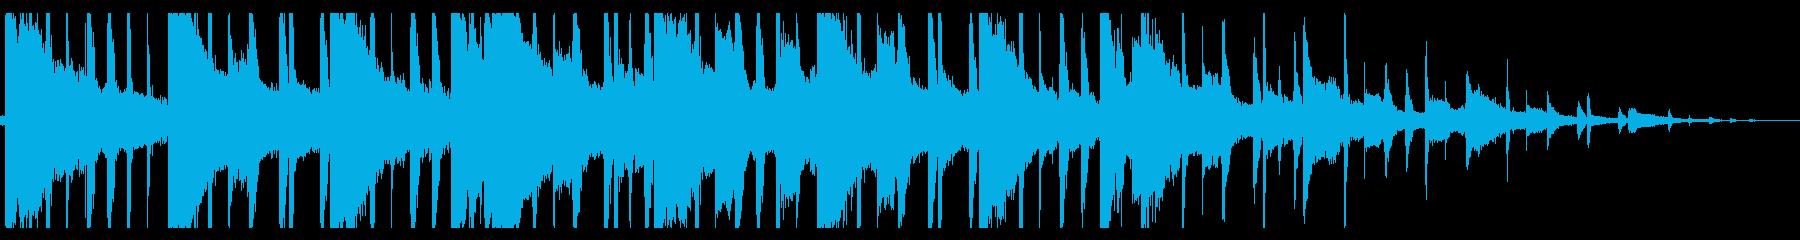 都会/ヒップホップ_No397_3の再生済みの波形